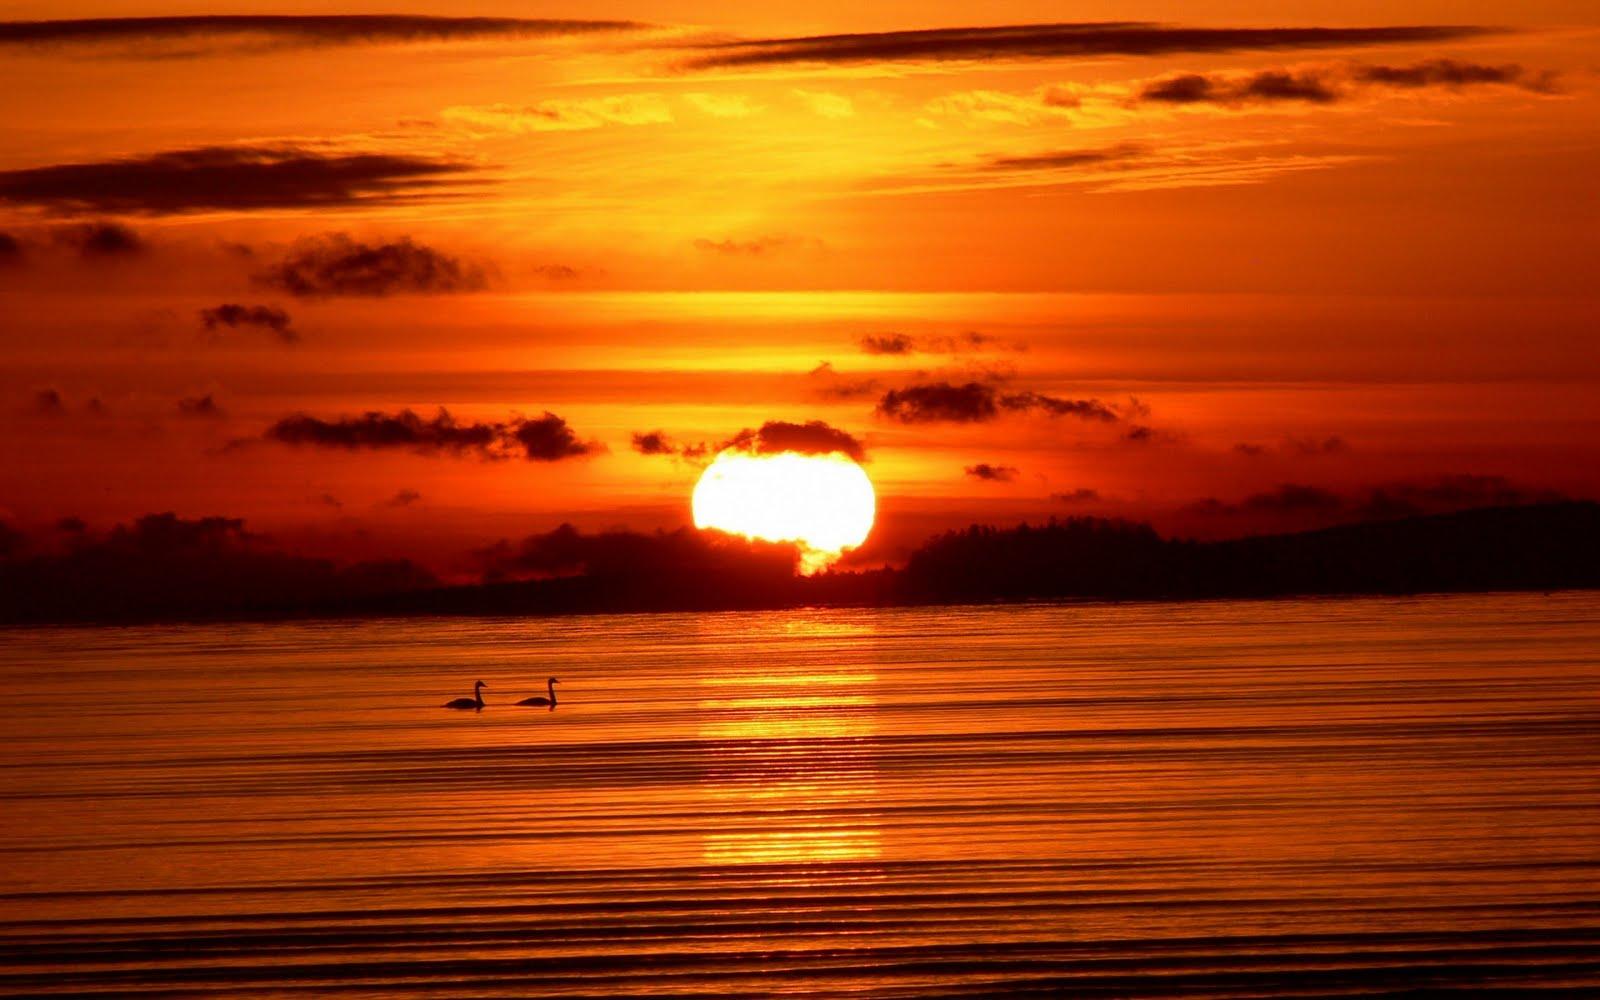 http://3.bp.blogspot.com/-JdiZUXlatqM/TtzTHrMyjZI/AAAAAAAAAtQ/wih3K2Jbdgo/s1600/sunrise-wallpaper-7-714263.jpg